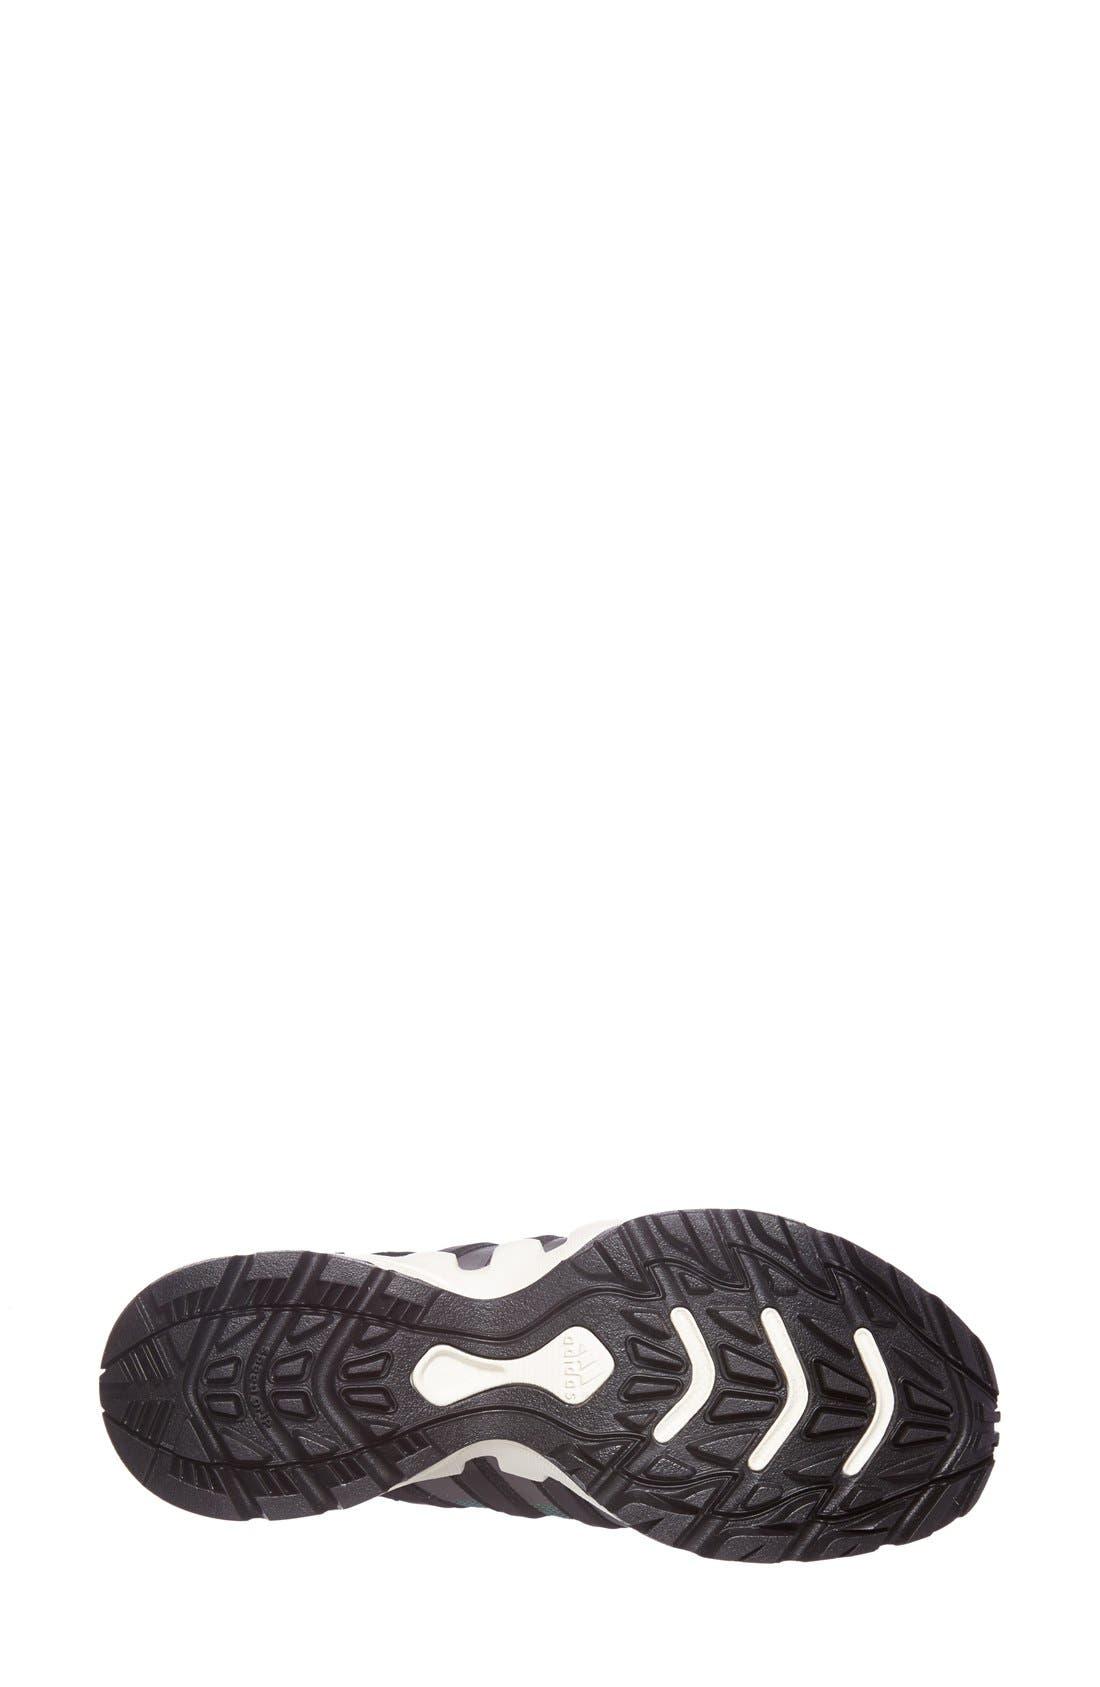 Alternate Image 4  - adidas 'Hydroterra' Walking Shoe (Women)